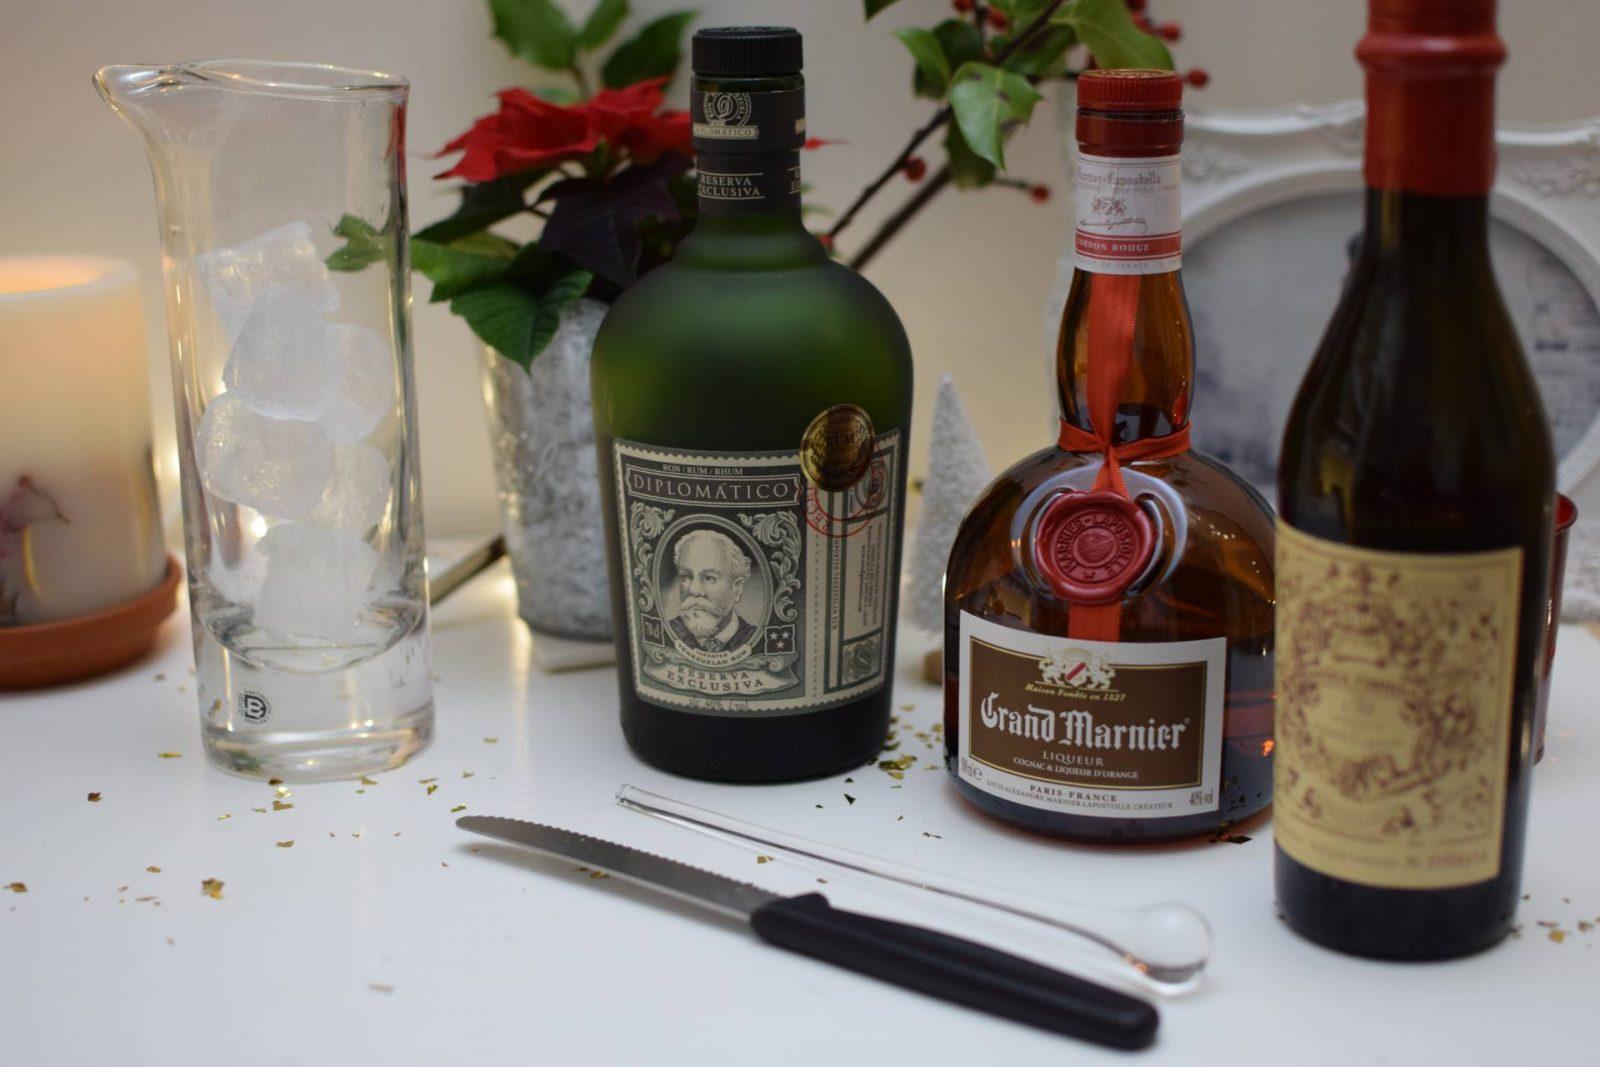 El Presidente // Cocktail Recipe